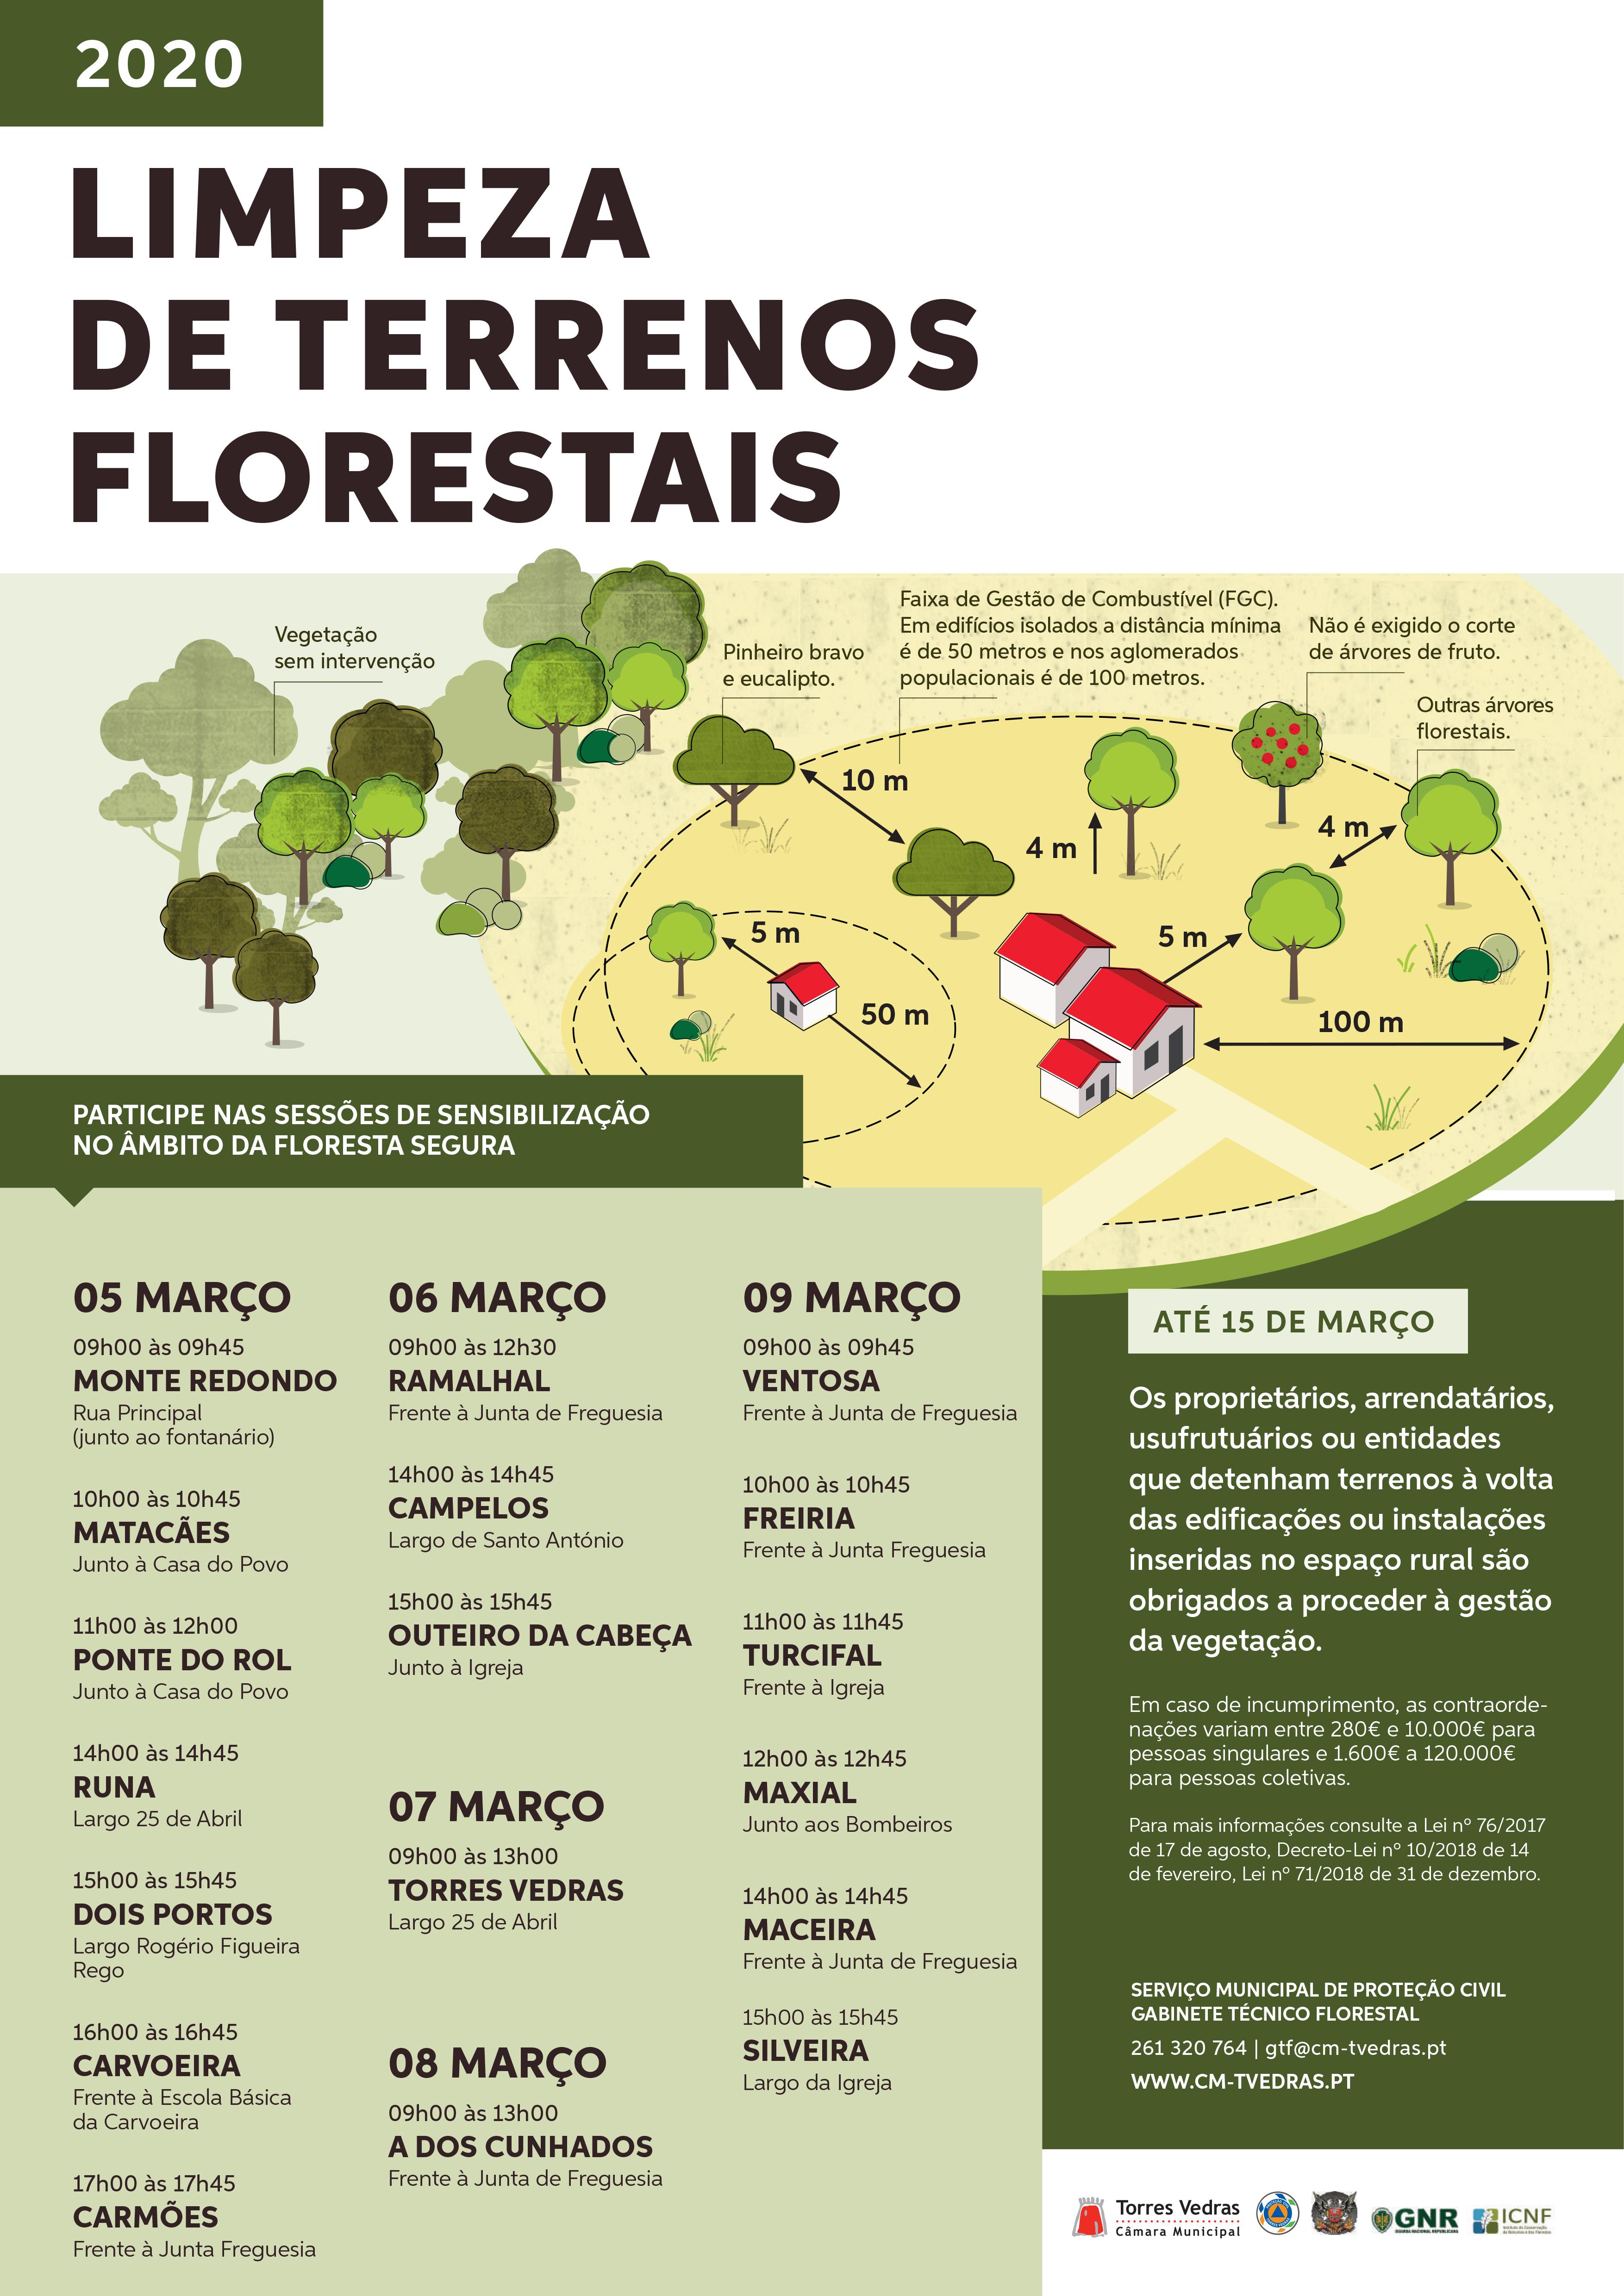 Sensibilização - Limpeza de Terrenos Florestais 2020